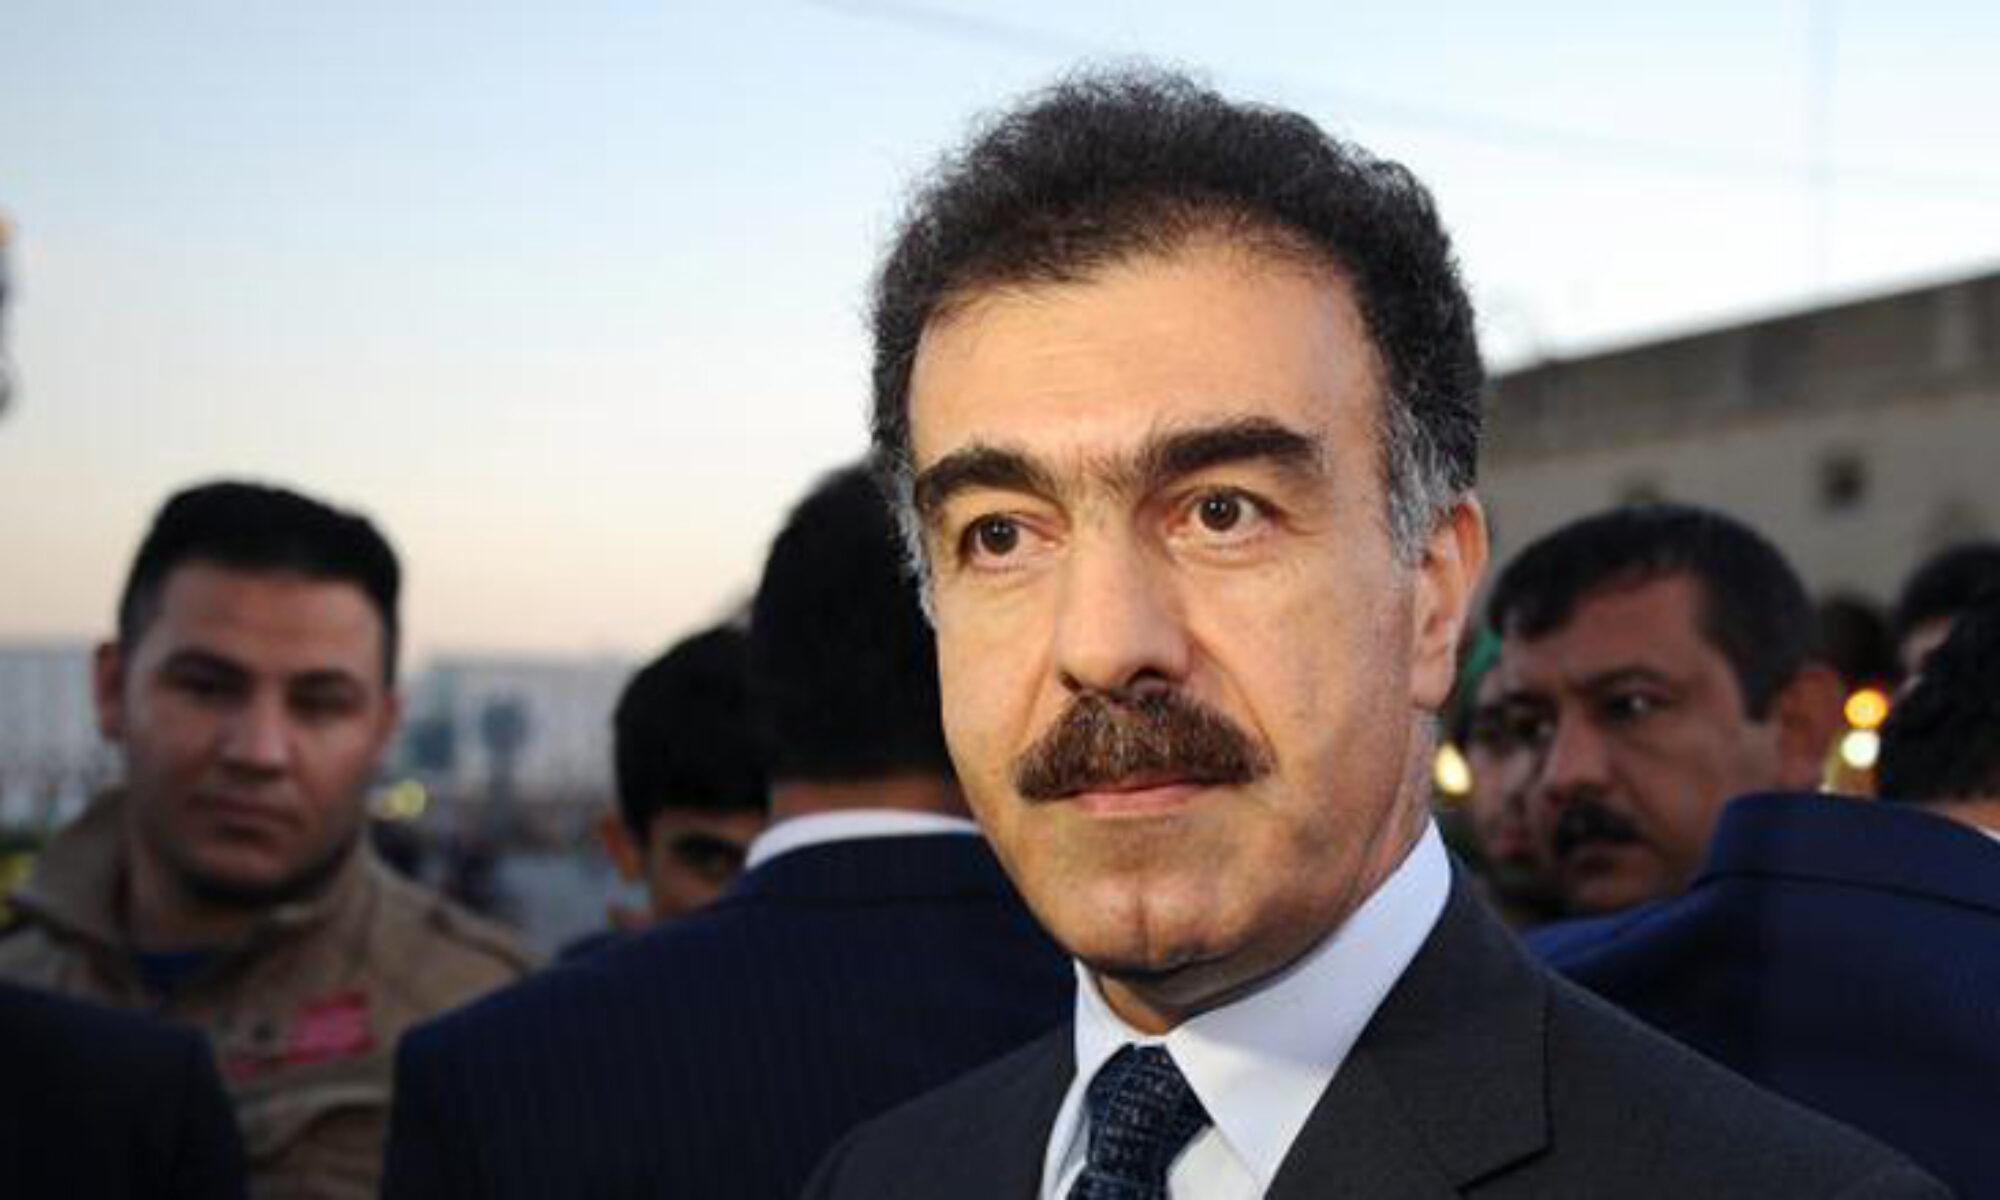 Kürdistan Bölgesinden Ortadoğu'da temsilcilik açma hamlesi